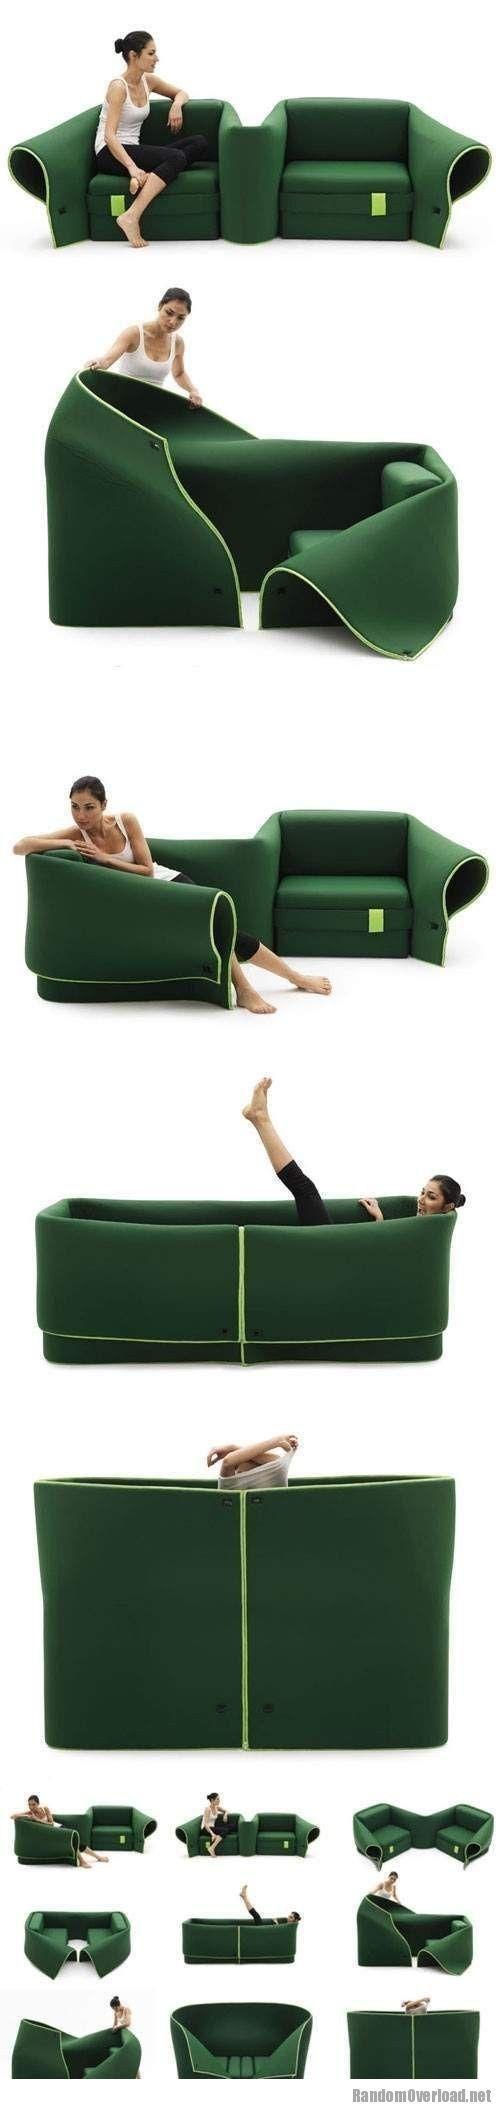 Chaise multi fonction | Canapé vert | Canapé multifonction | Canapé multiformes